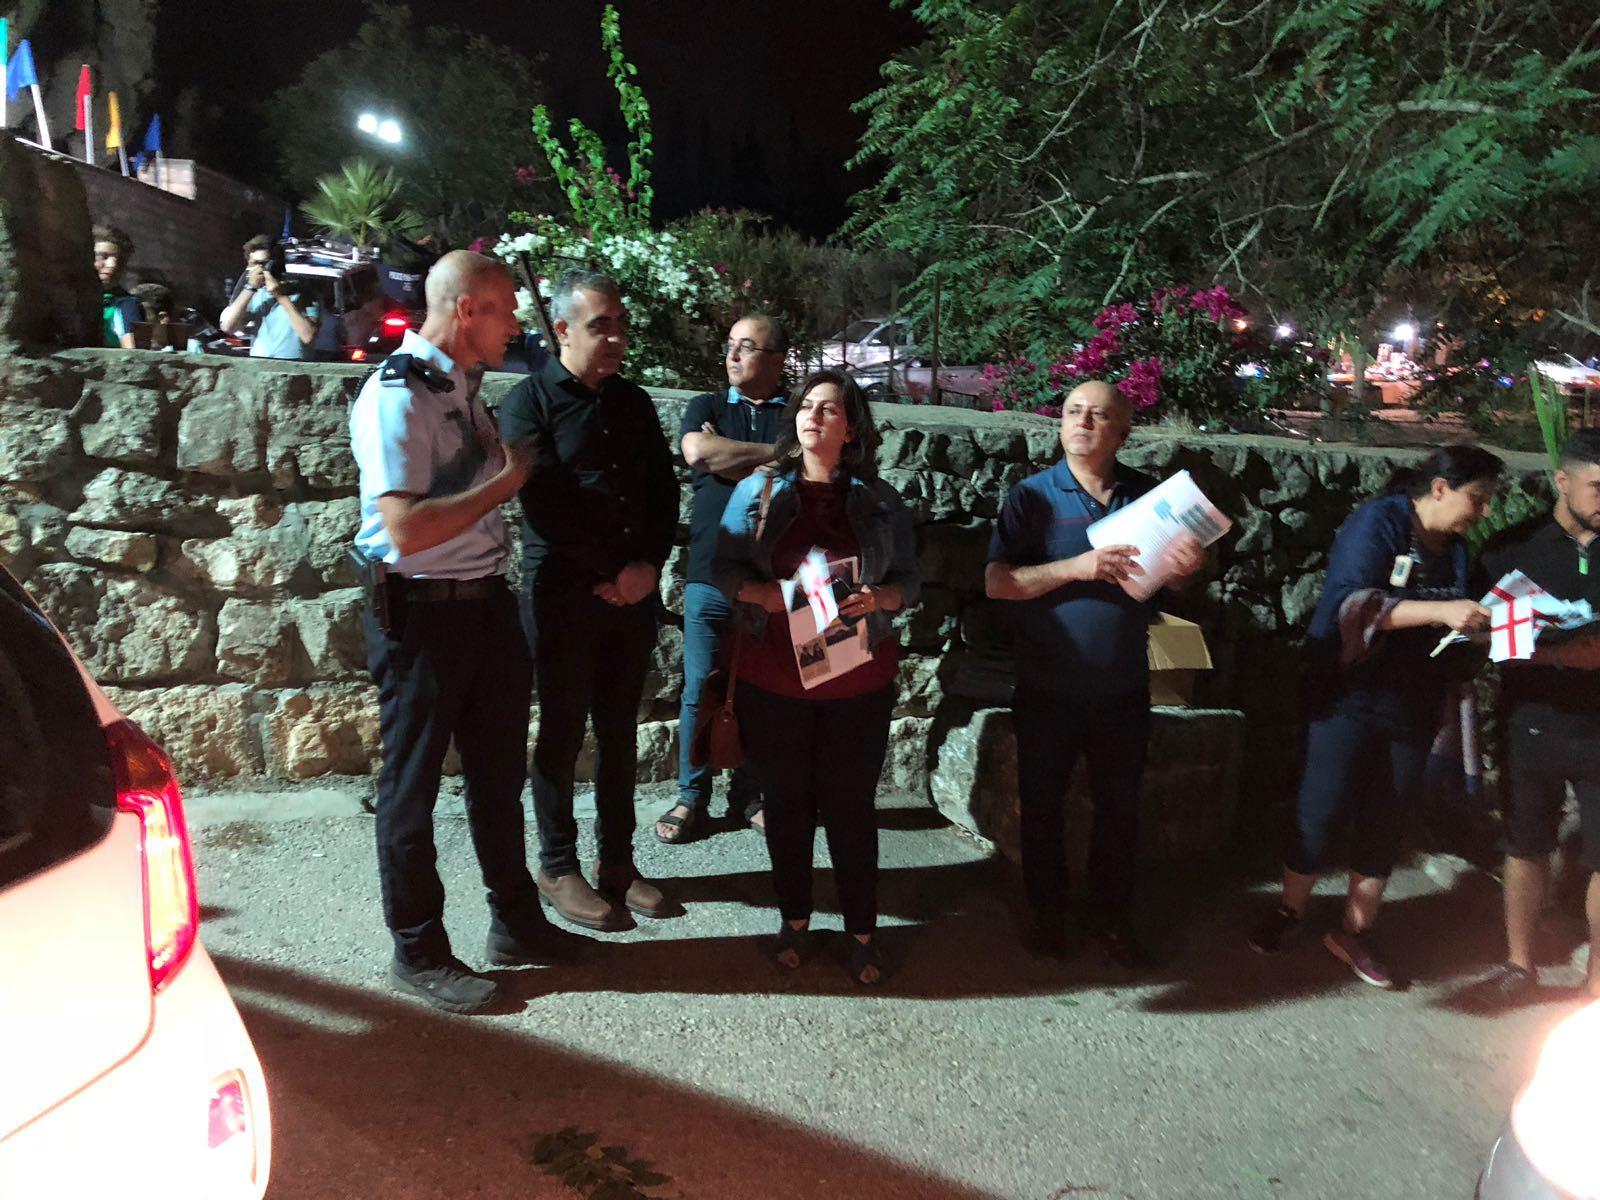 تظاهرة على قمة جبل الطور رفضا لزيارة ثيوفيلوس